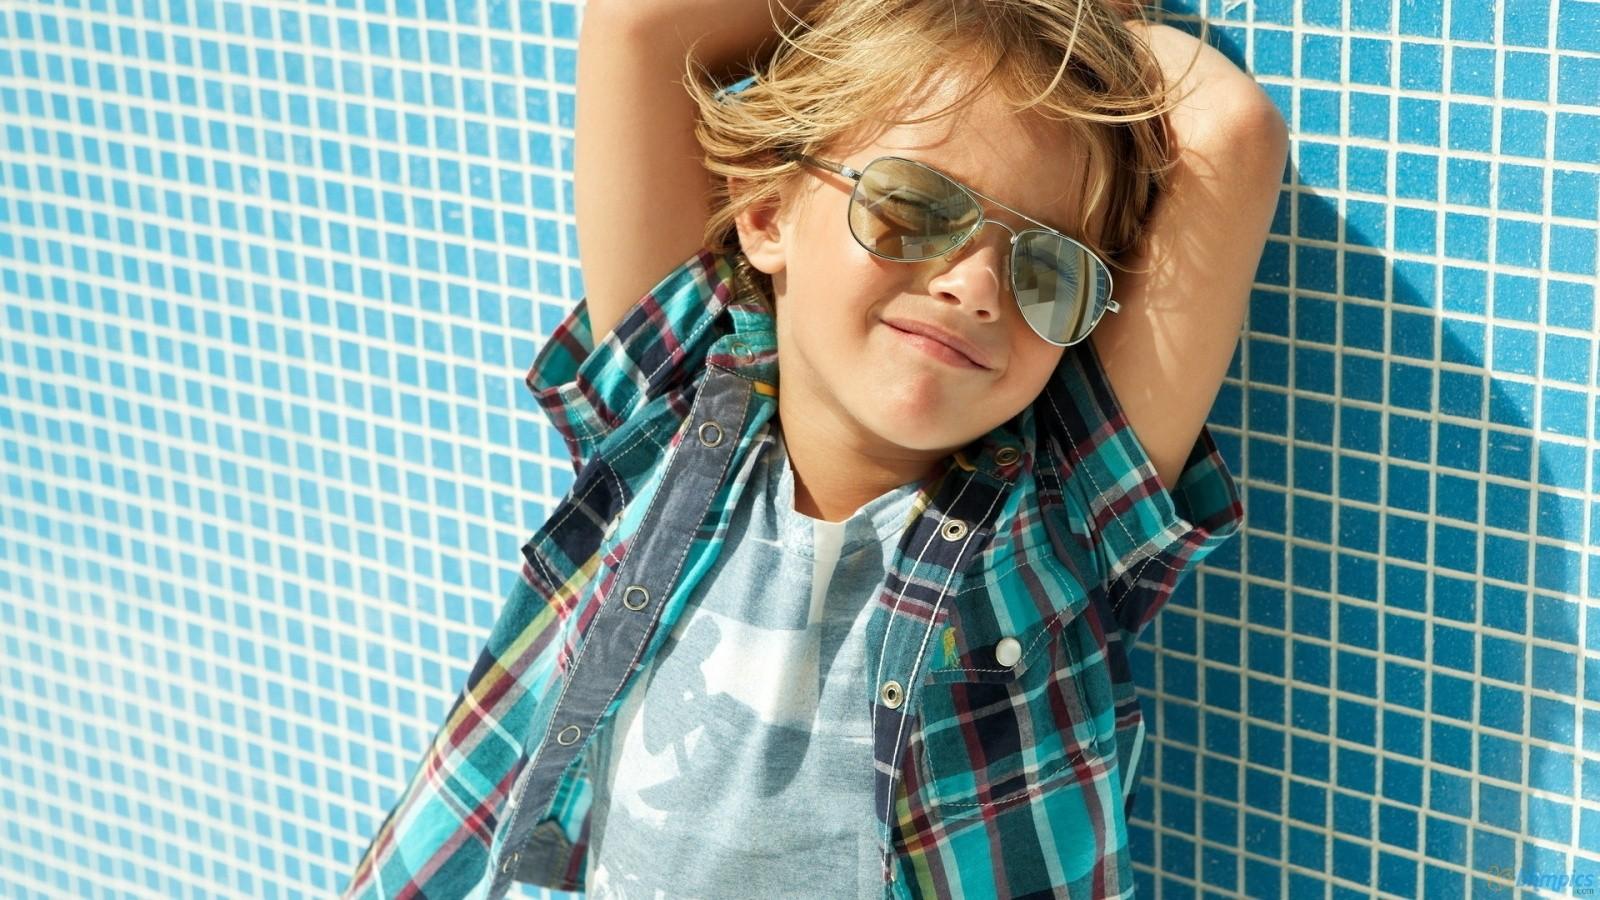 Cute Baby Super Stylish Boy Hd Wallpaper